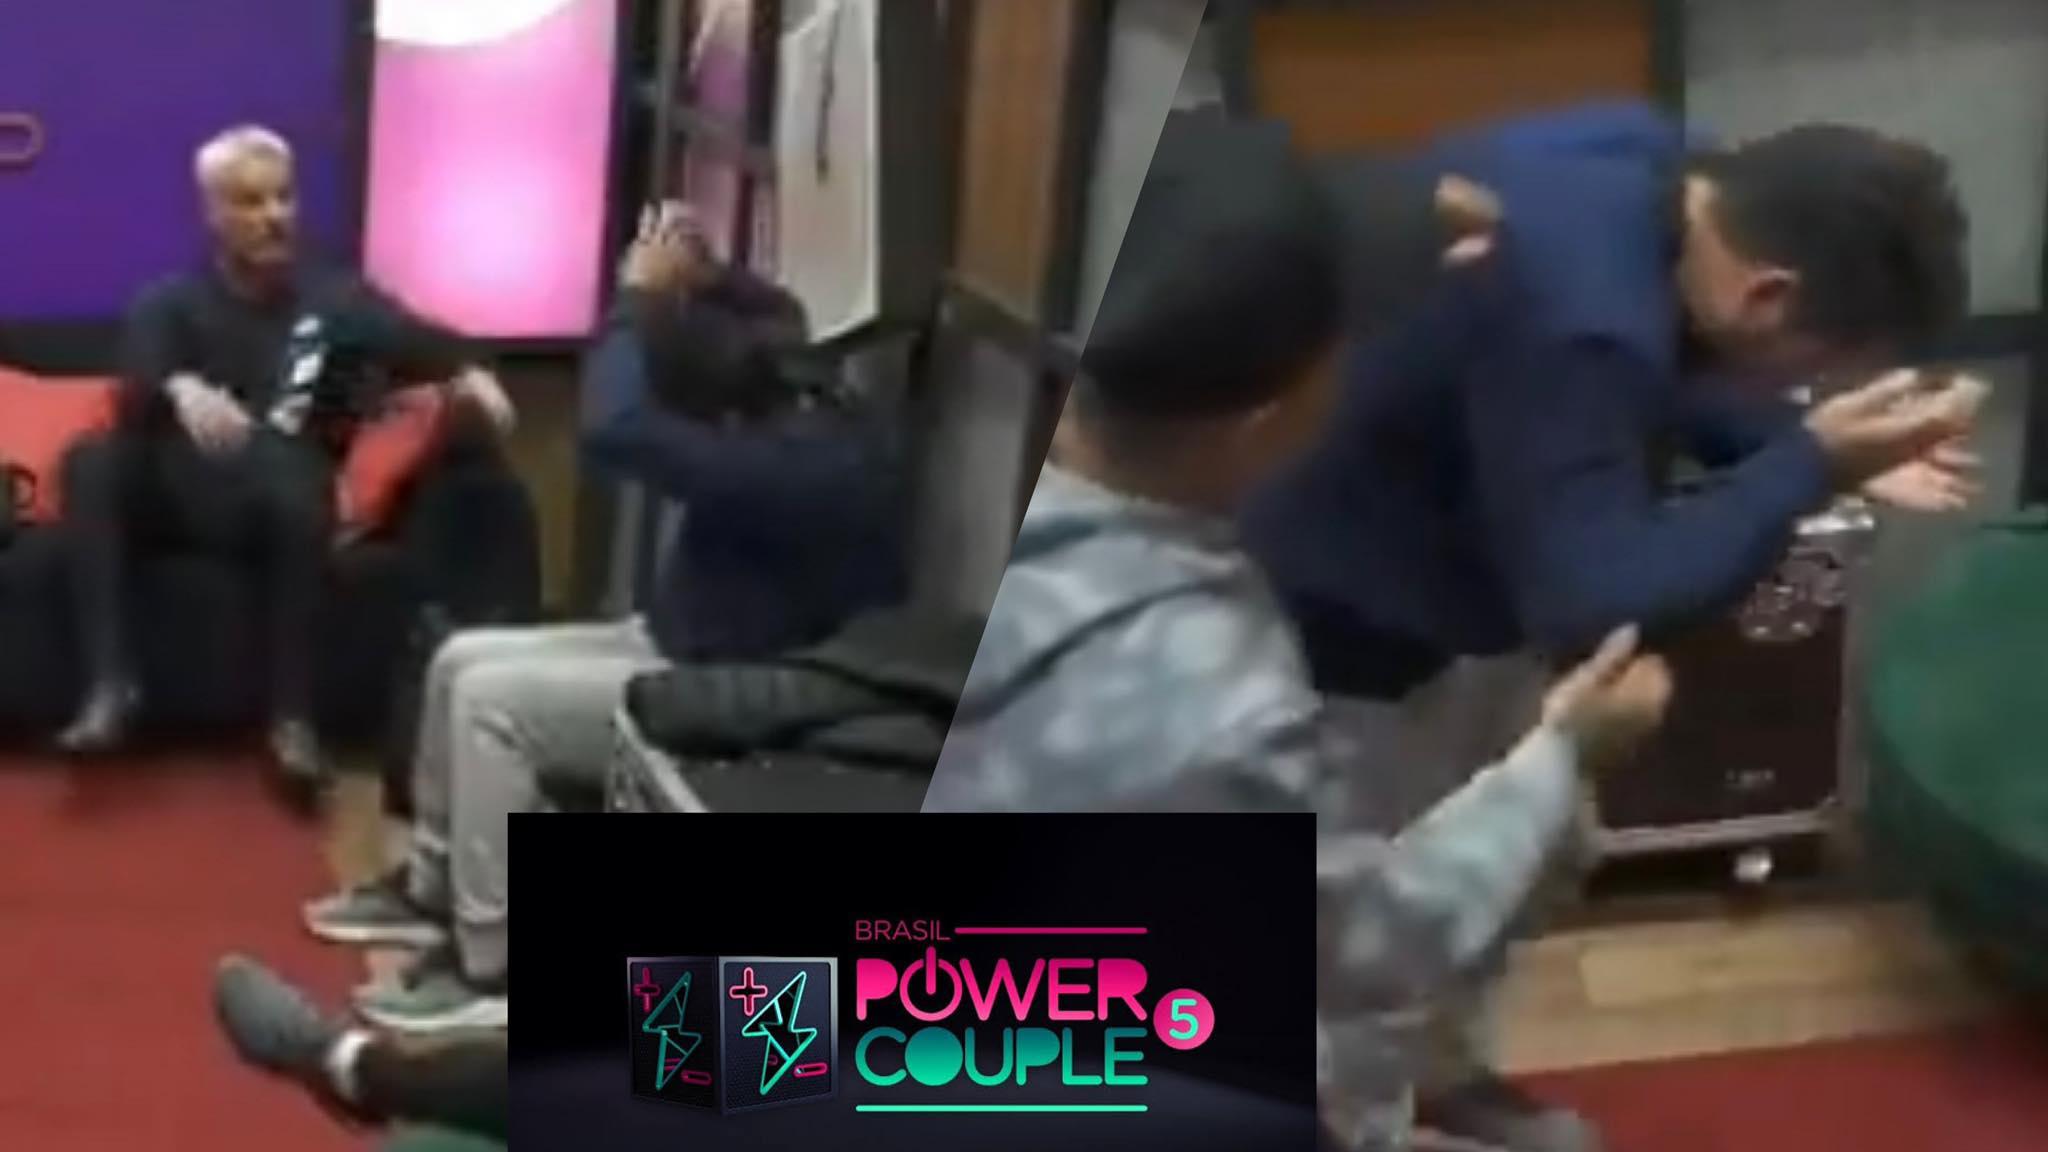 Thiago é atingido por uma placa no camarim do Power Couple. O sertanejo está bem (montagem: Fashion Bubbles)